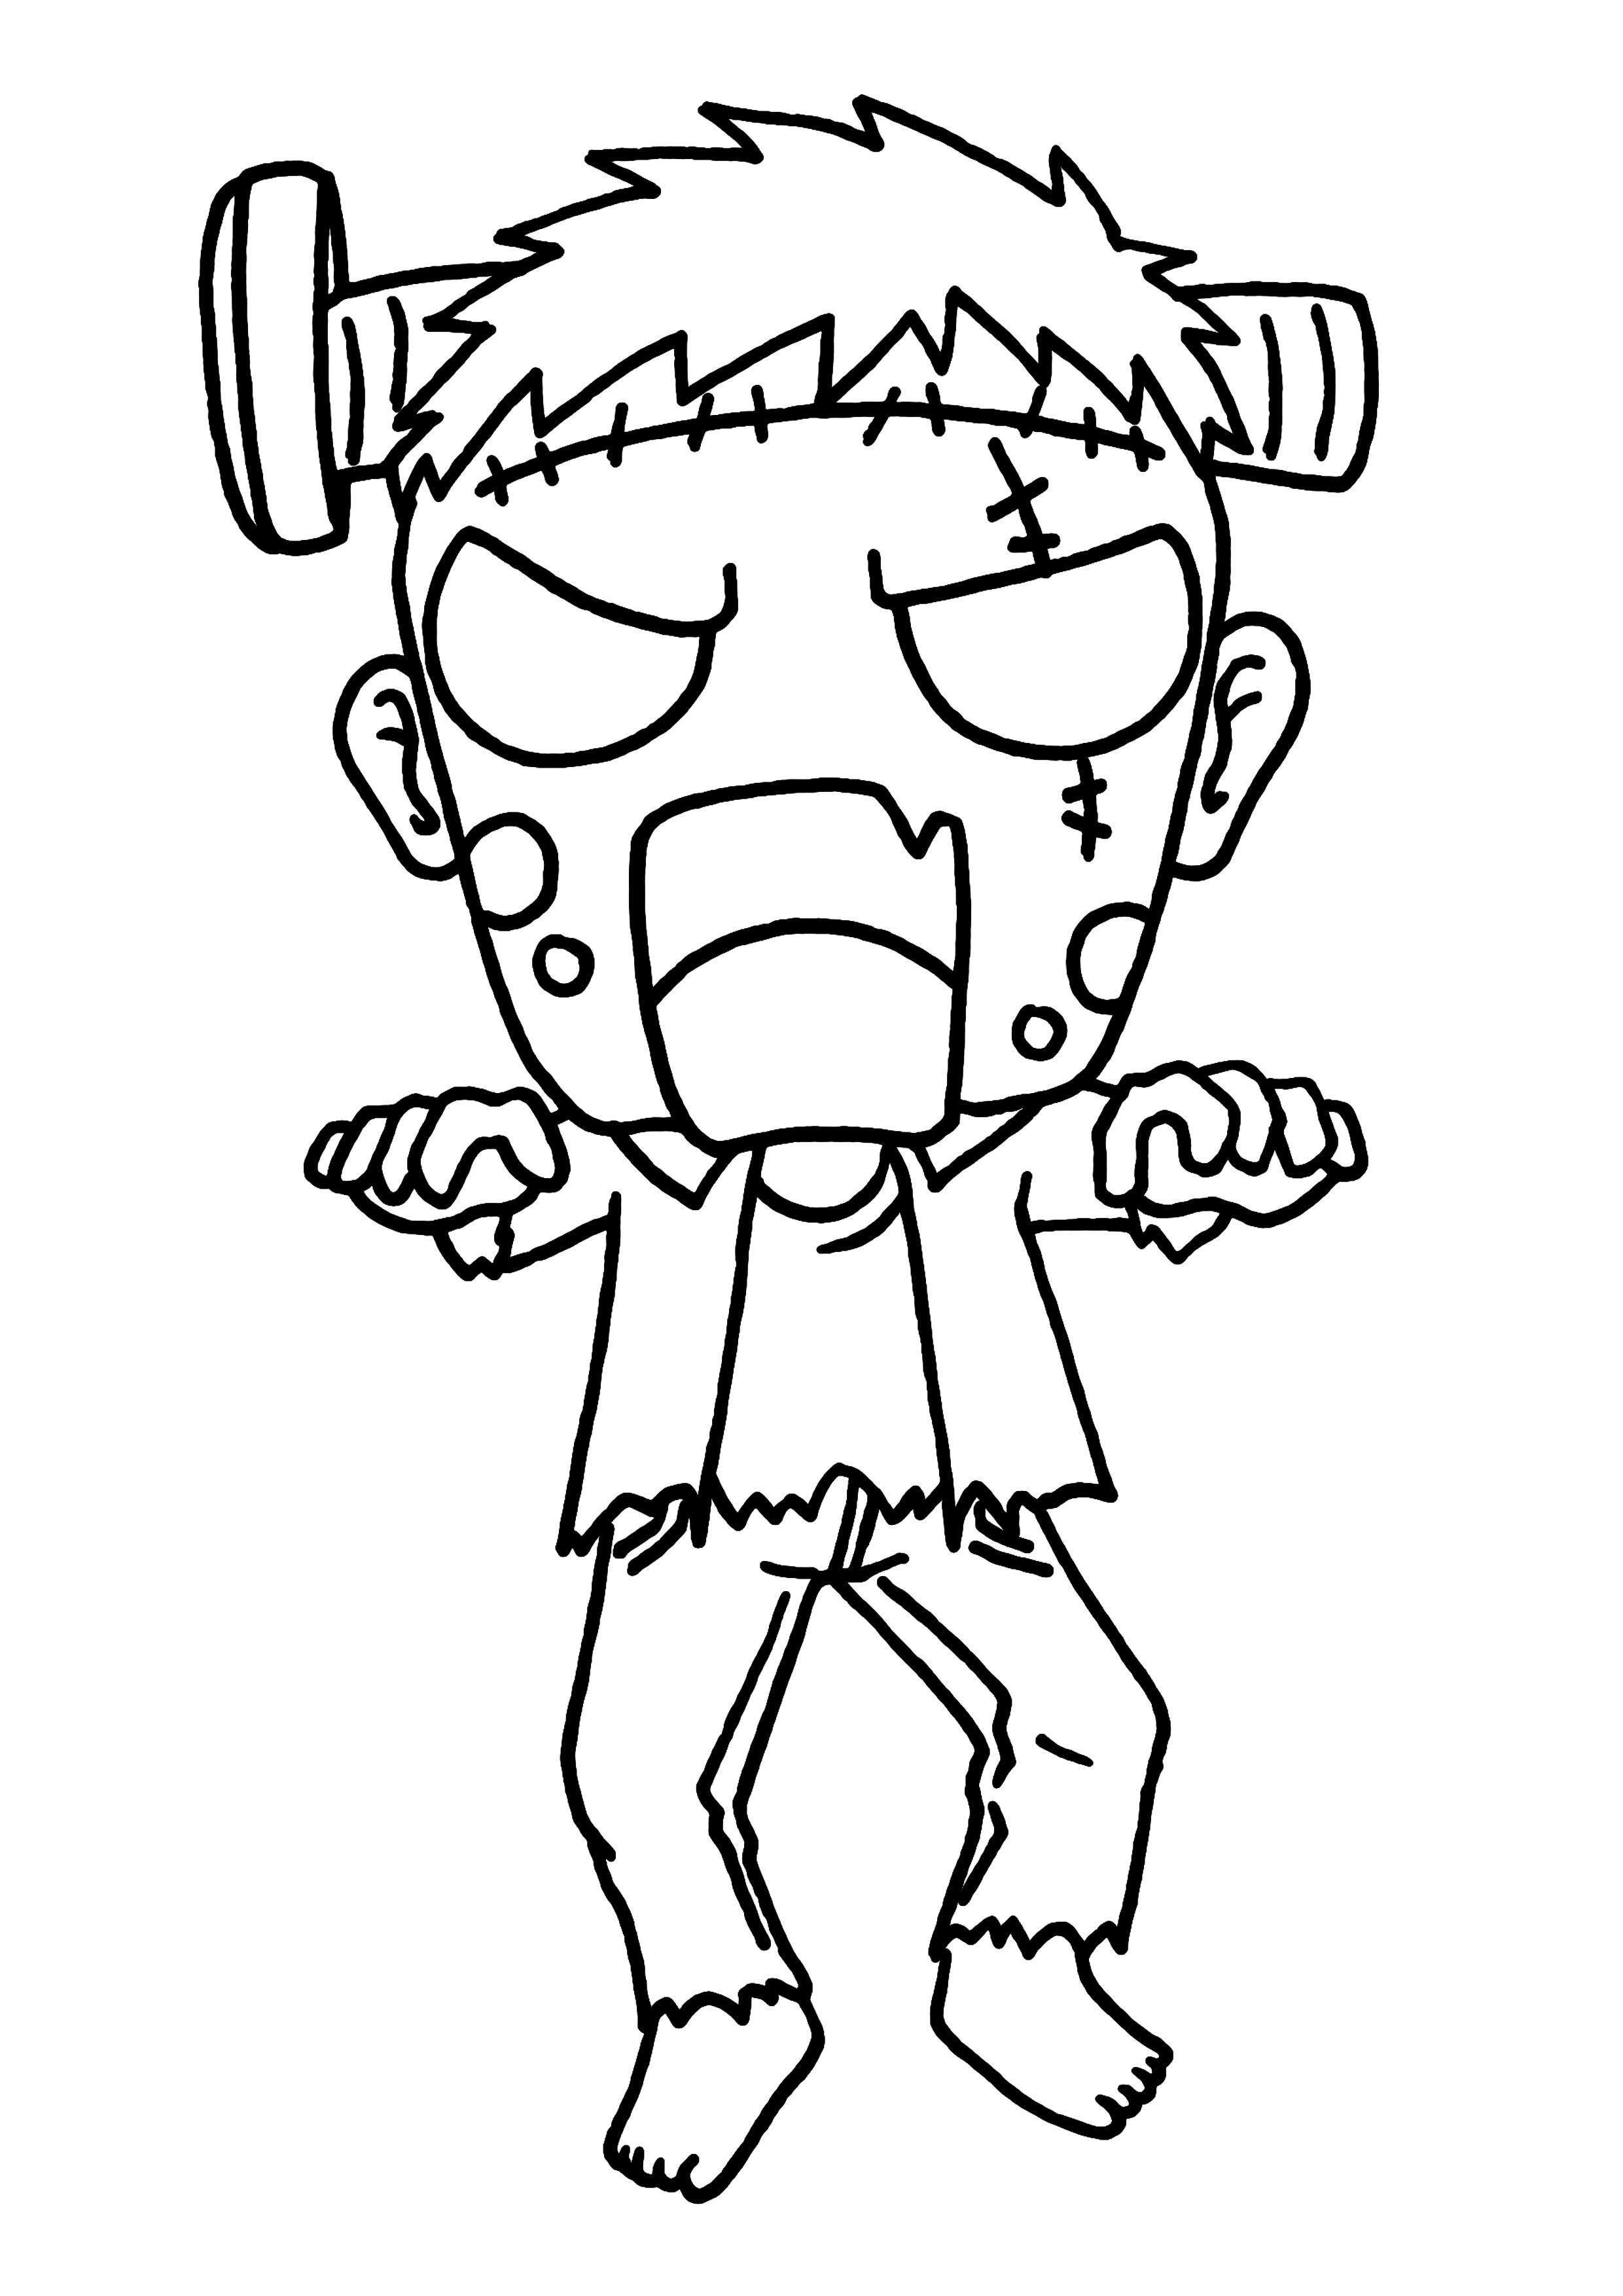 49 dessins de coloriage zombie imprimer sur page 2 - Coloriage zombie ...